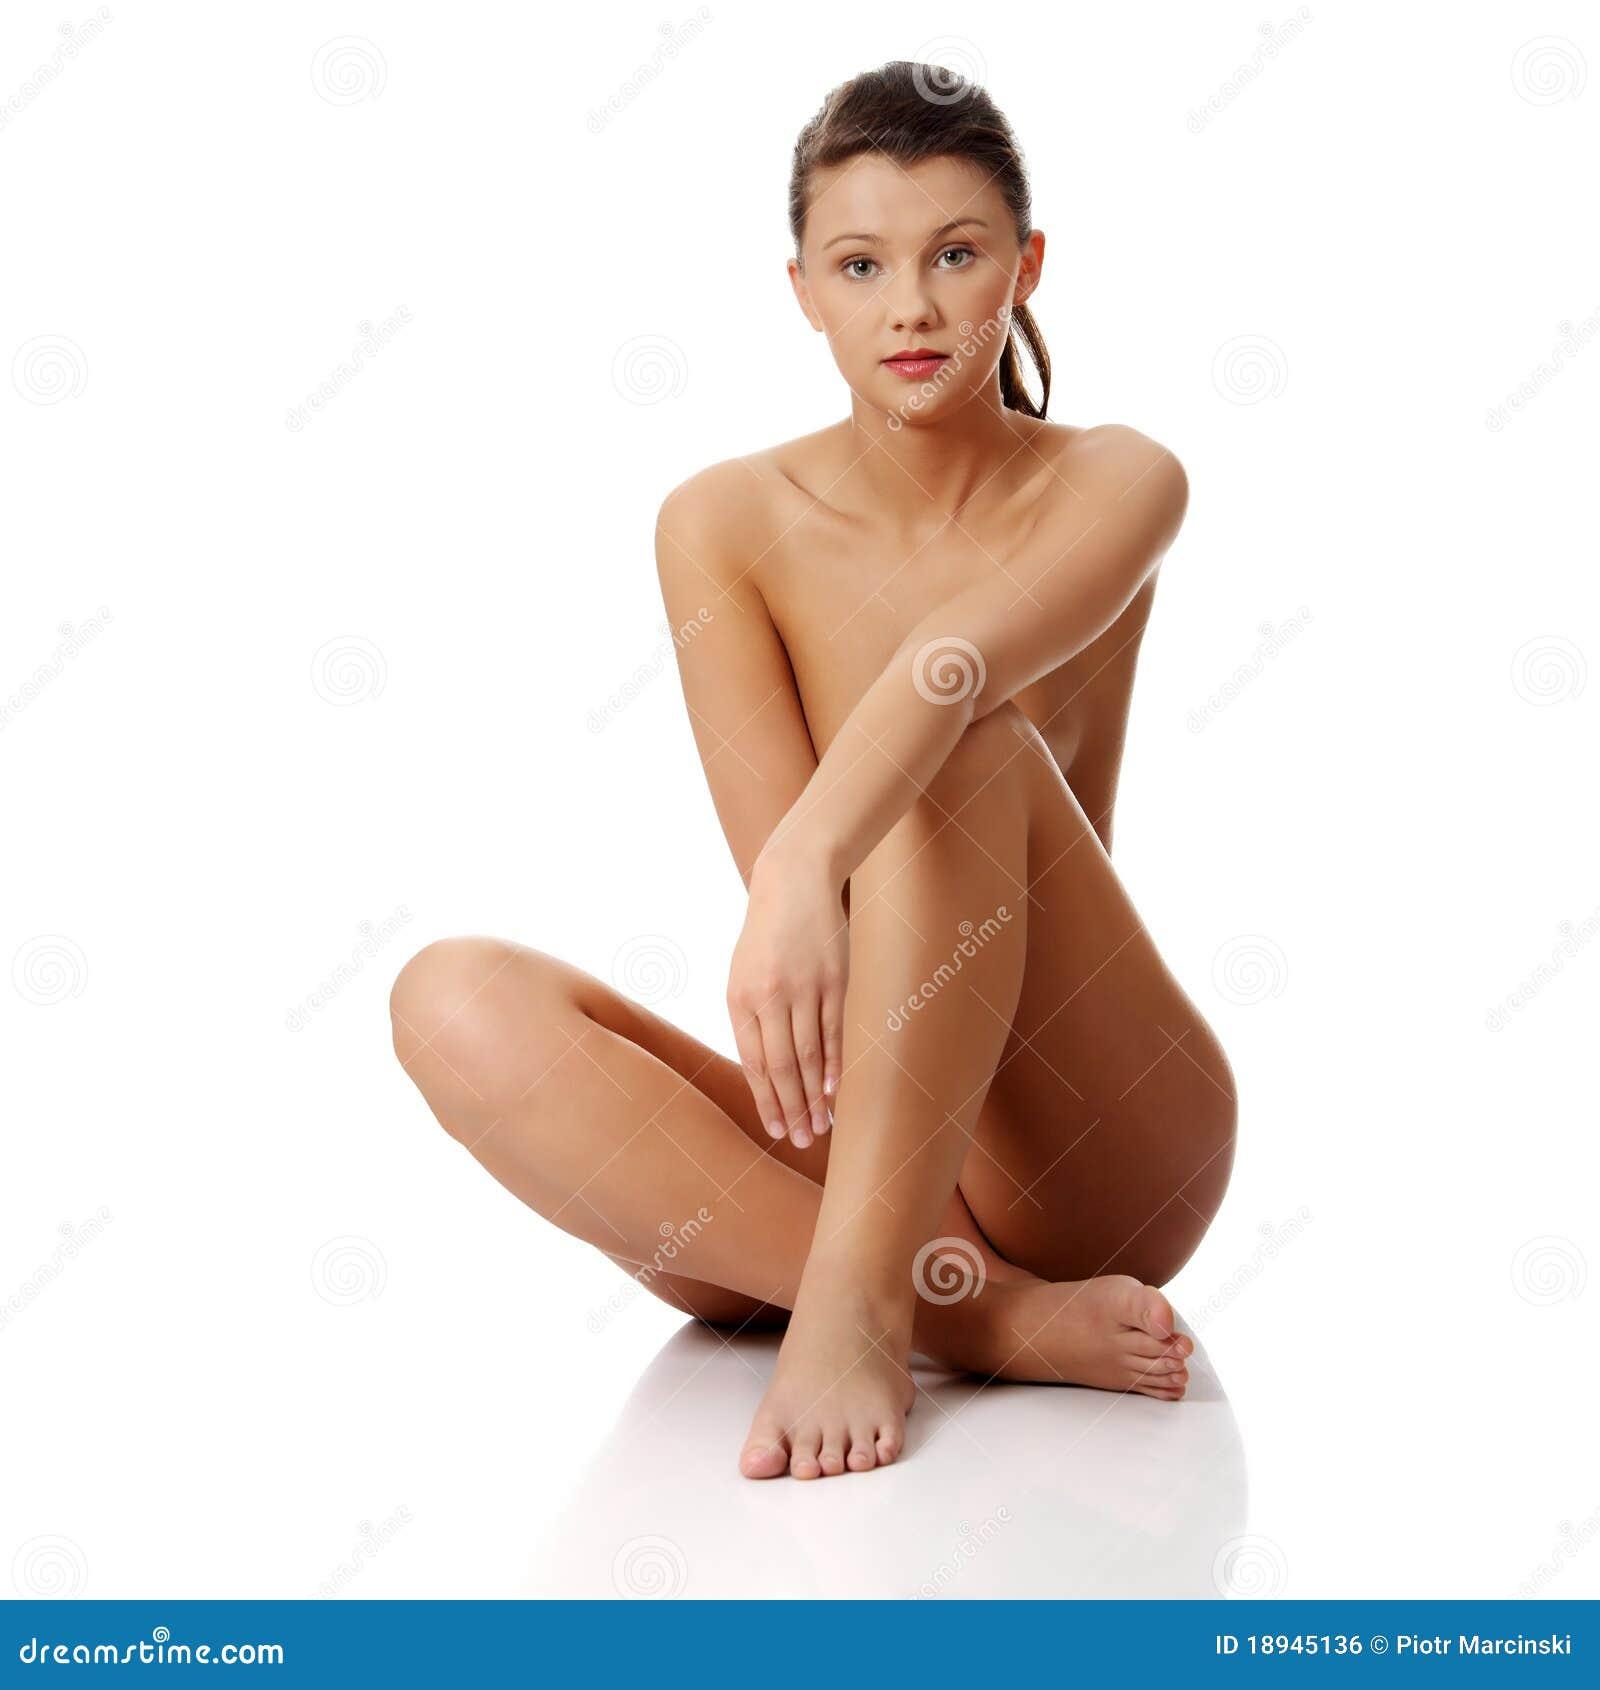 Pics Beautiful Naked Women 60